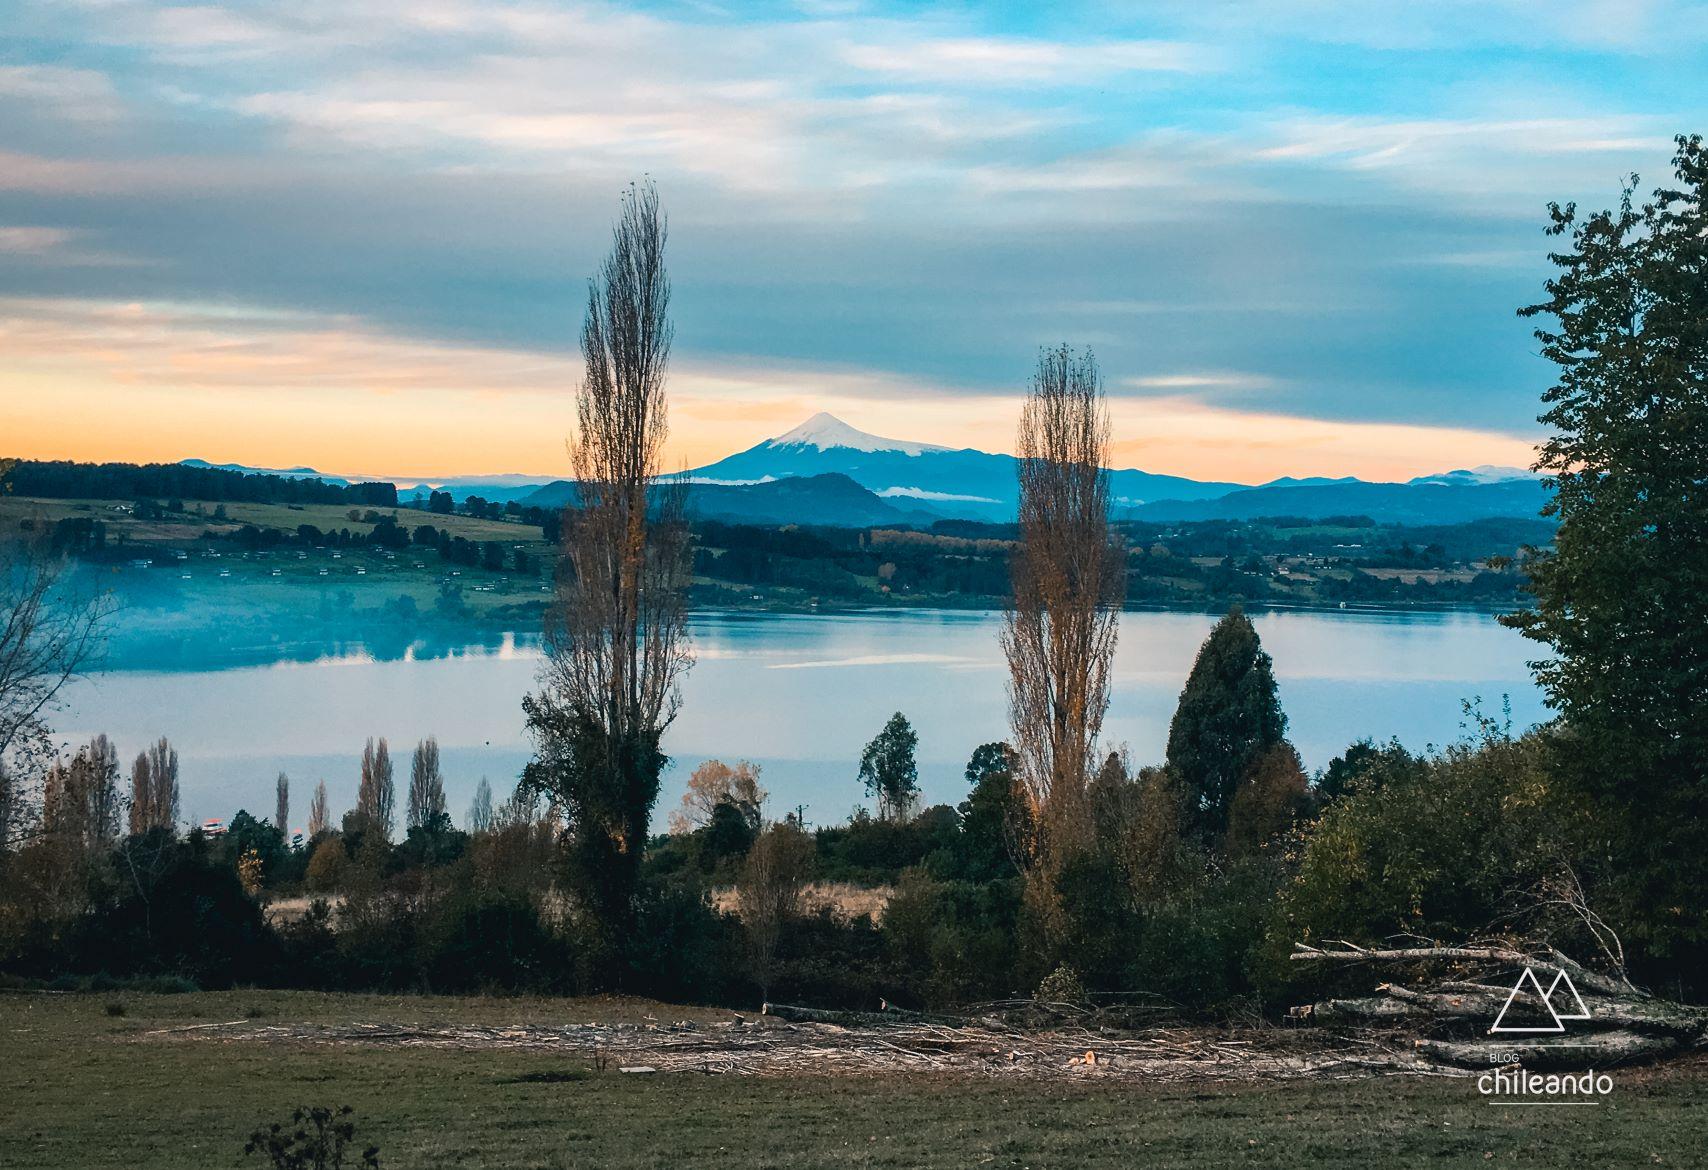 Vista para o lago Panguipulli e o vulcão Villarrica